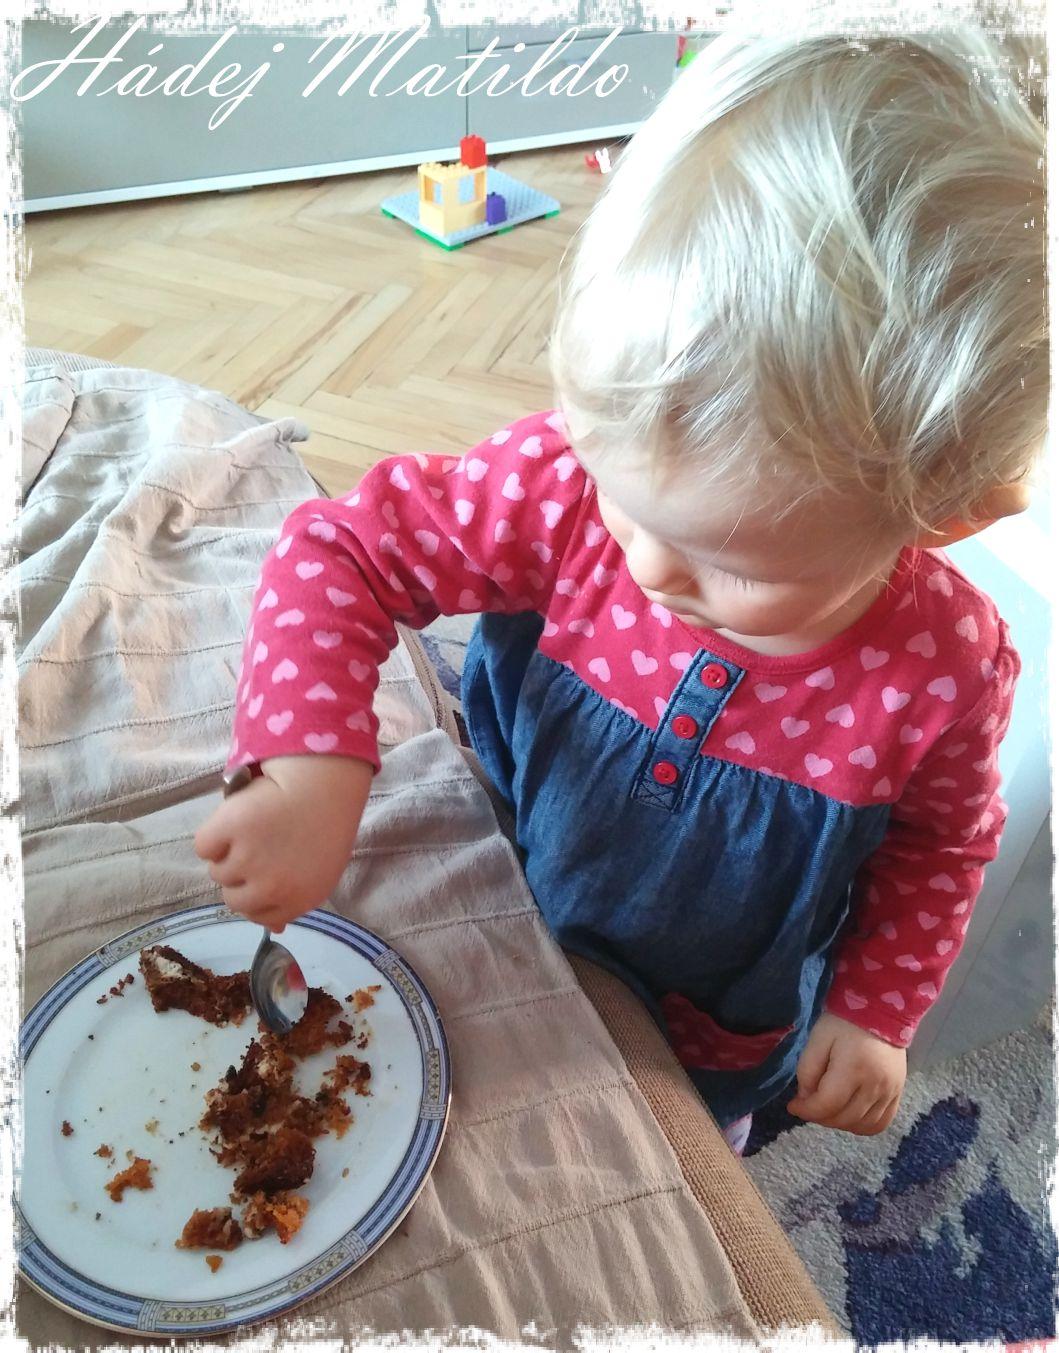 22 měsíců, miminko, batole, deník miminka, pokroky